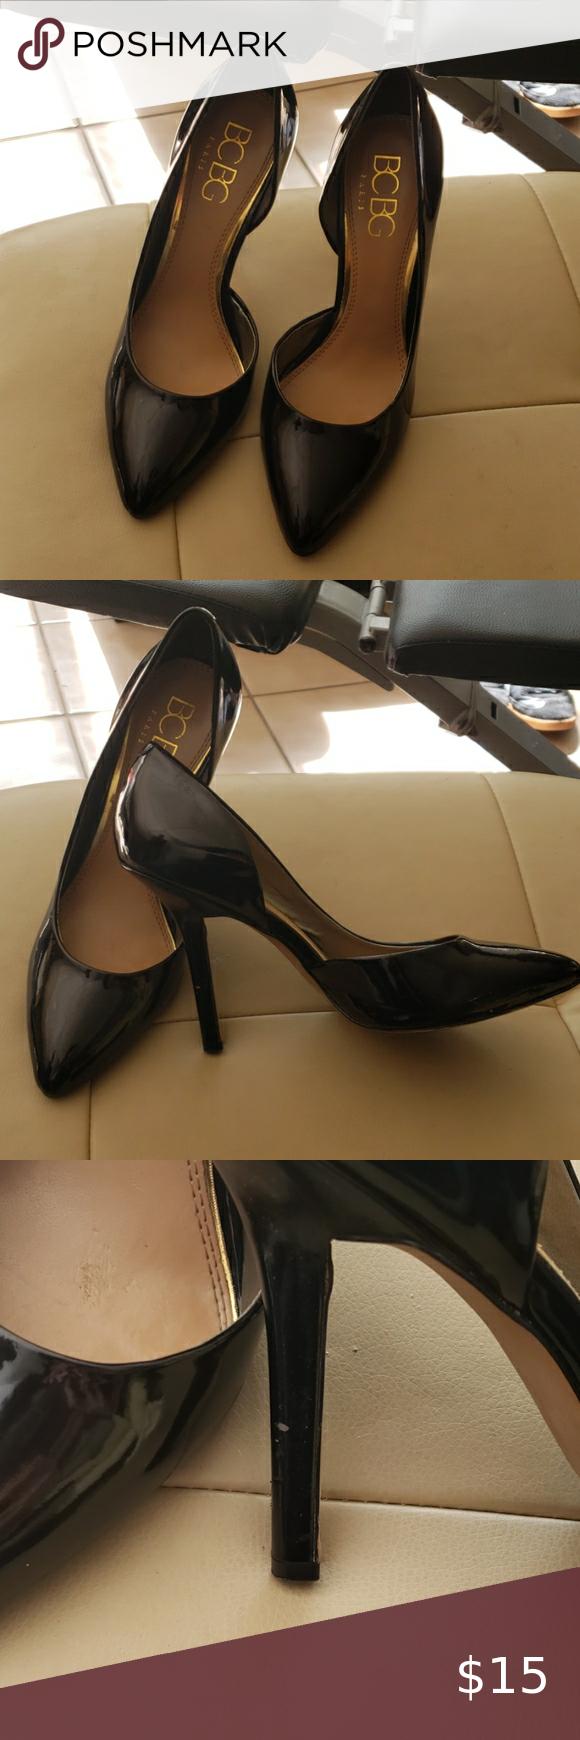 Bcbg Paris Heel Pumps Size 10 In 2020 Pumps Heels Shoes Women Heels Heels